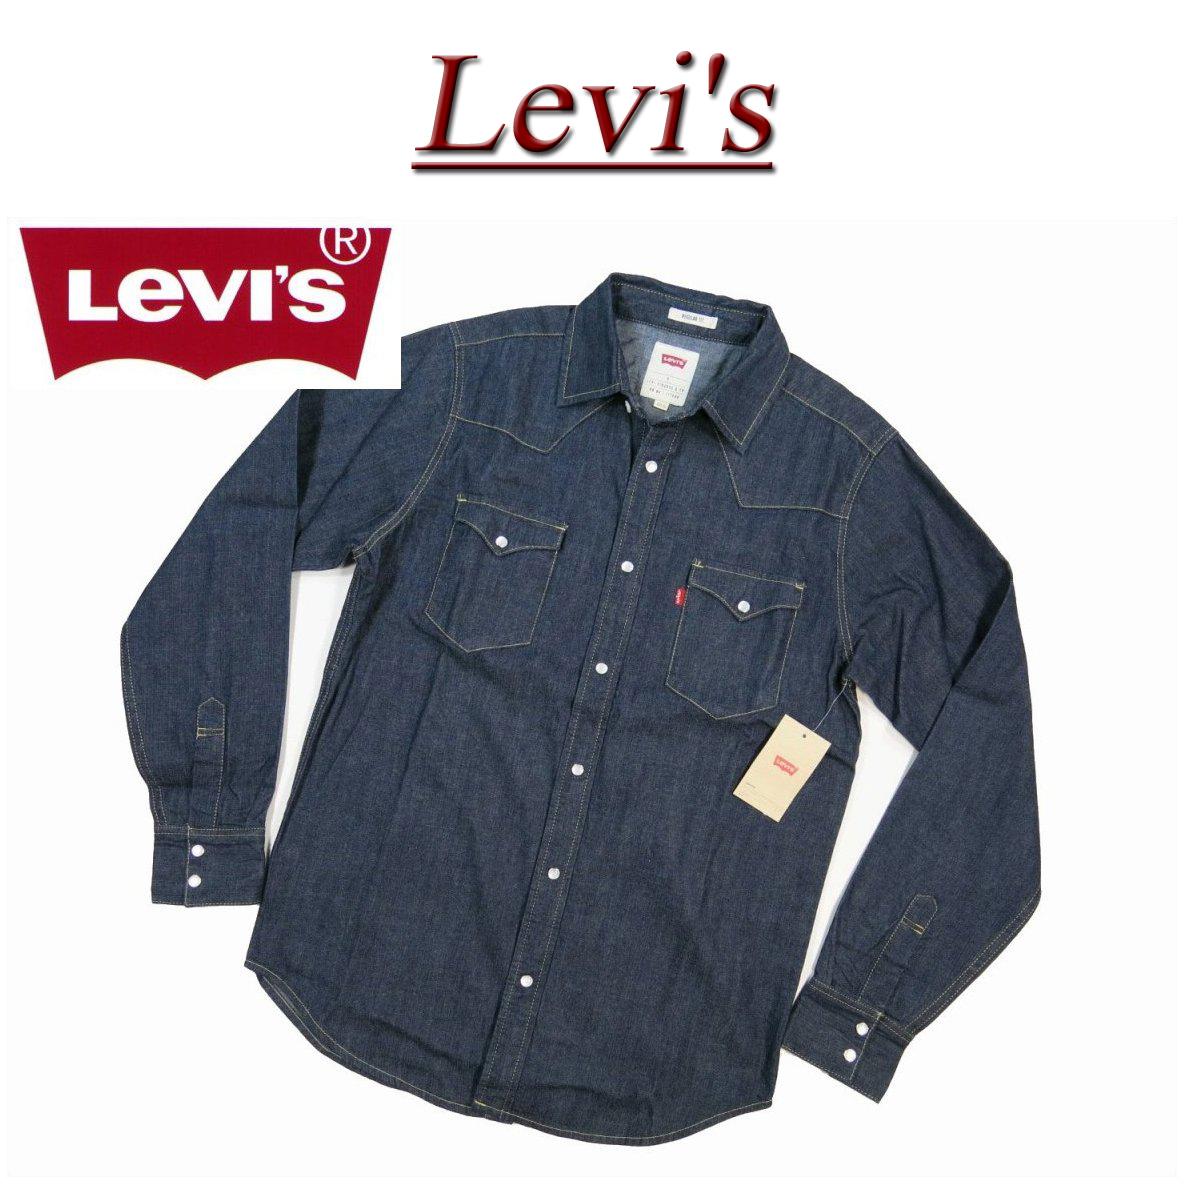 levis denim work shirt